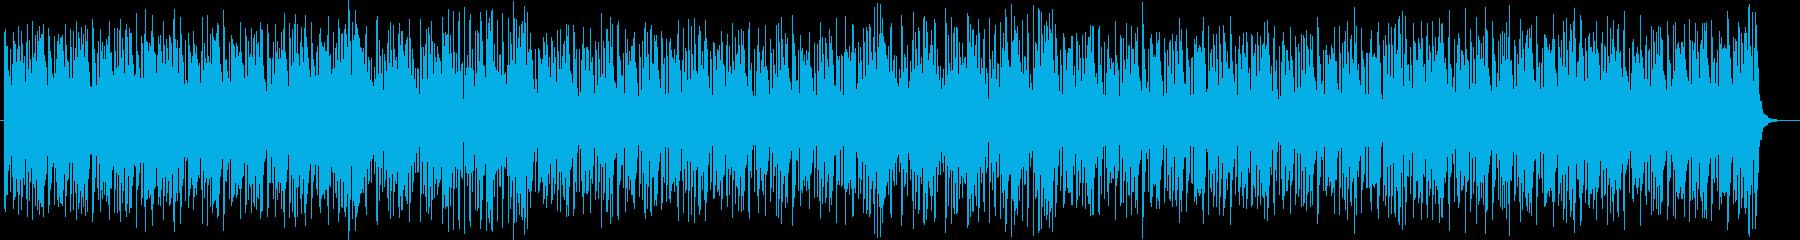 陽気なピアノポップスの再生済みの波形